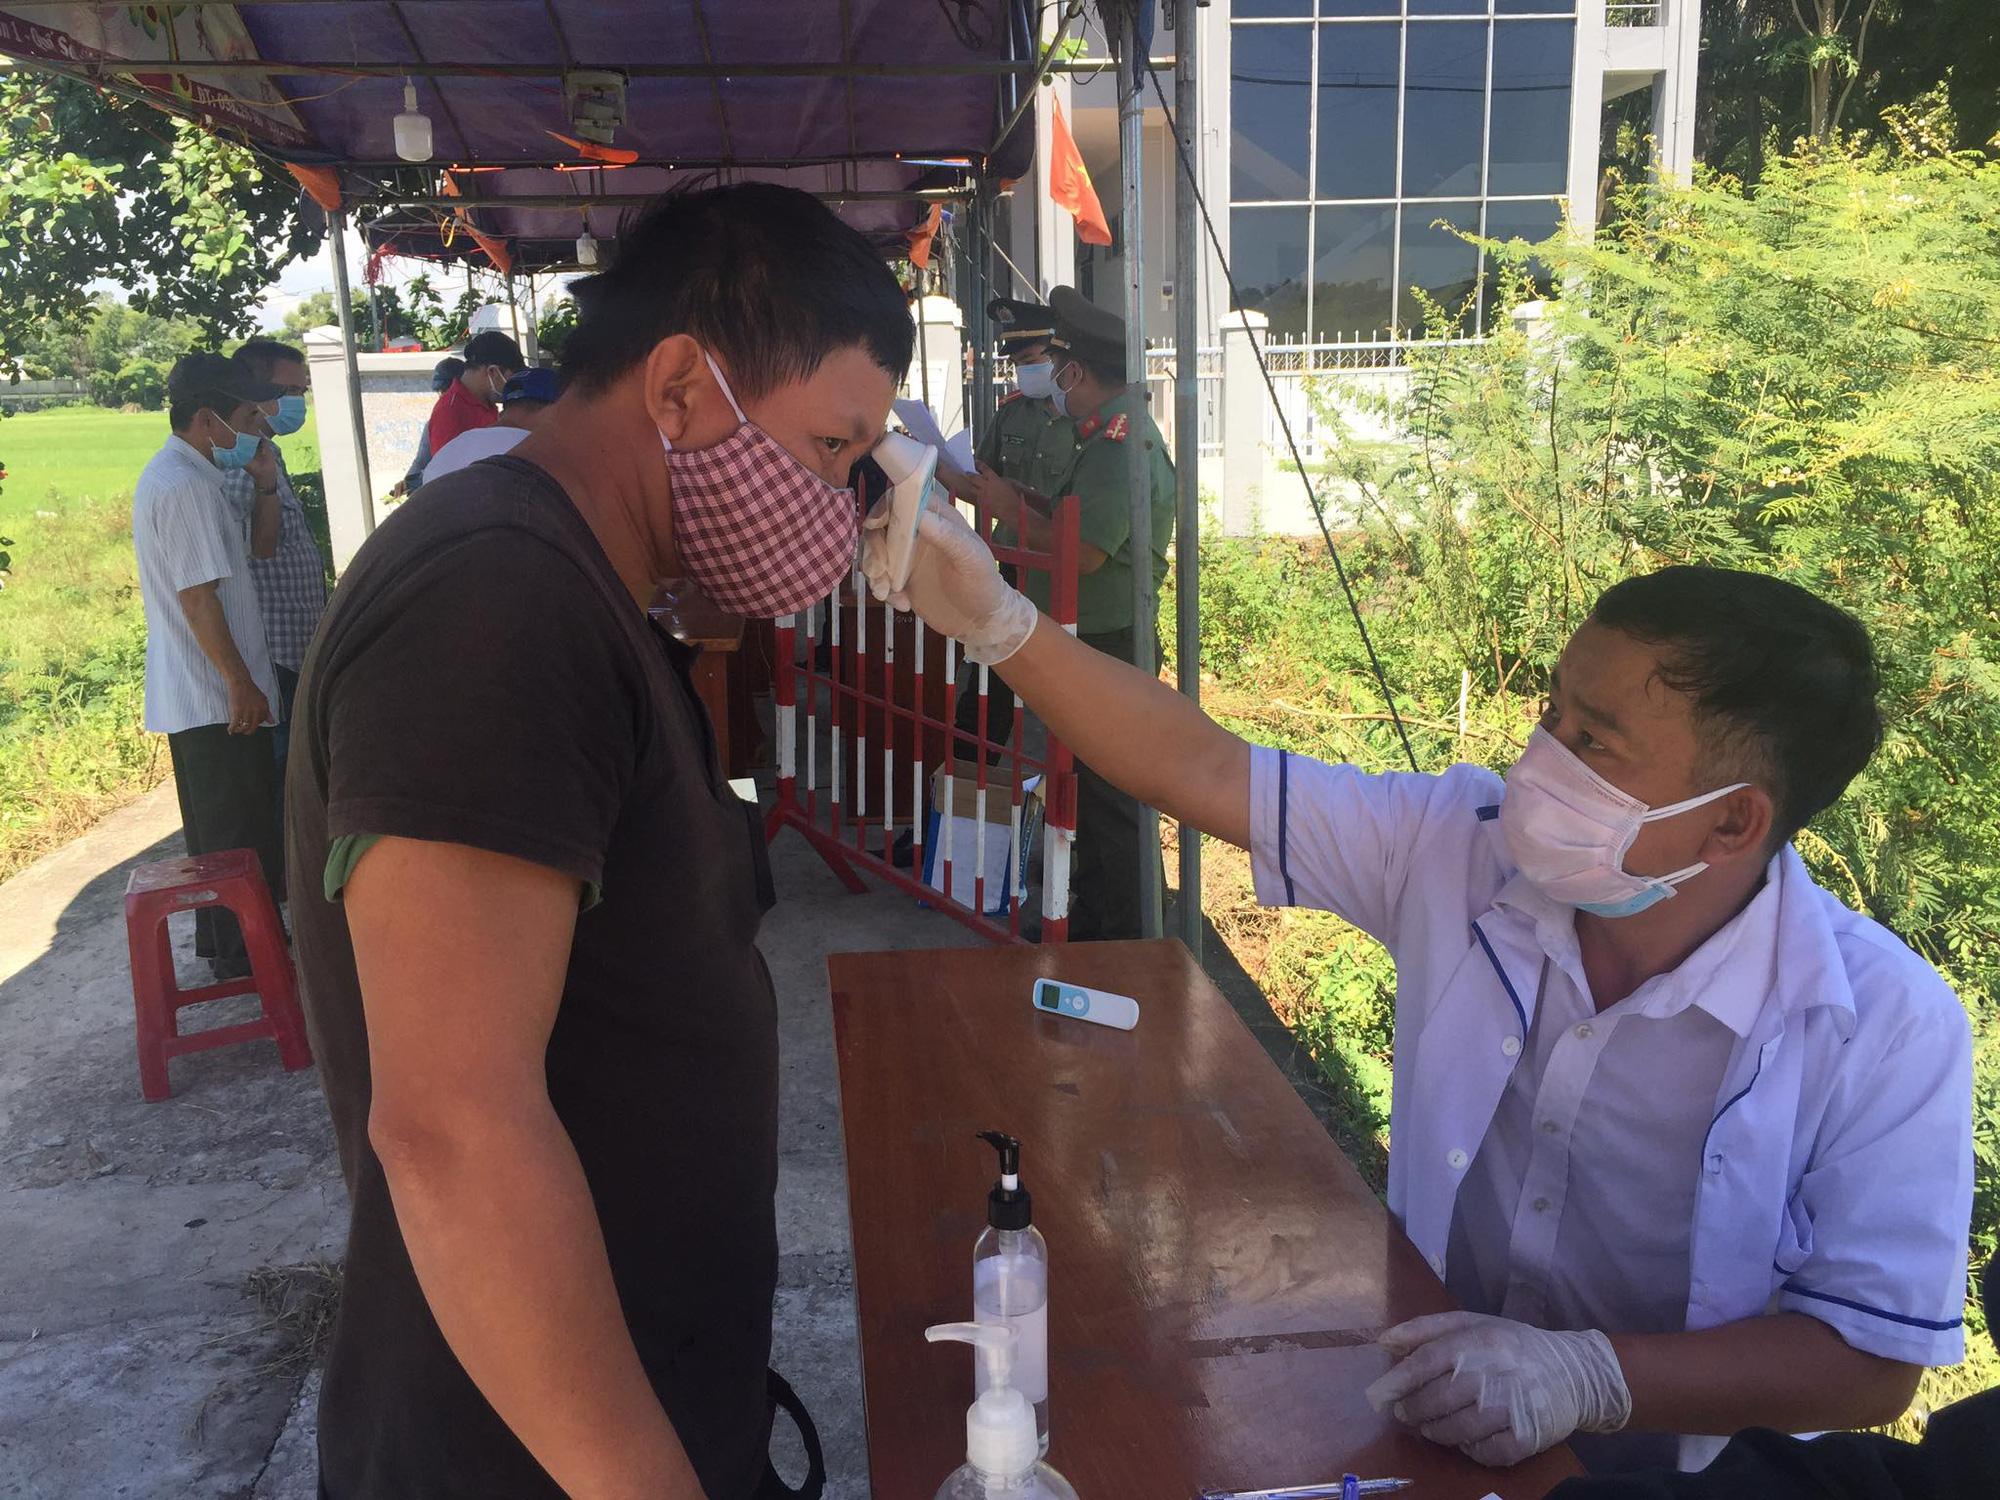 Quảng Nam: Khẩn trương truy tìm người tiếp xúc với quản đốc quản lý 400 công nhân - Ảnh 3.